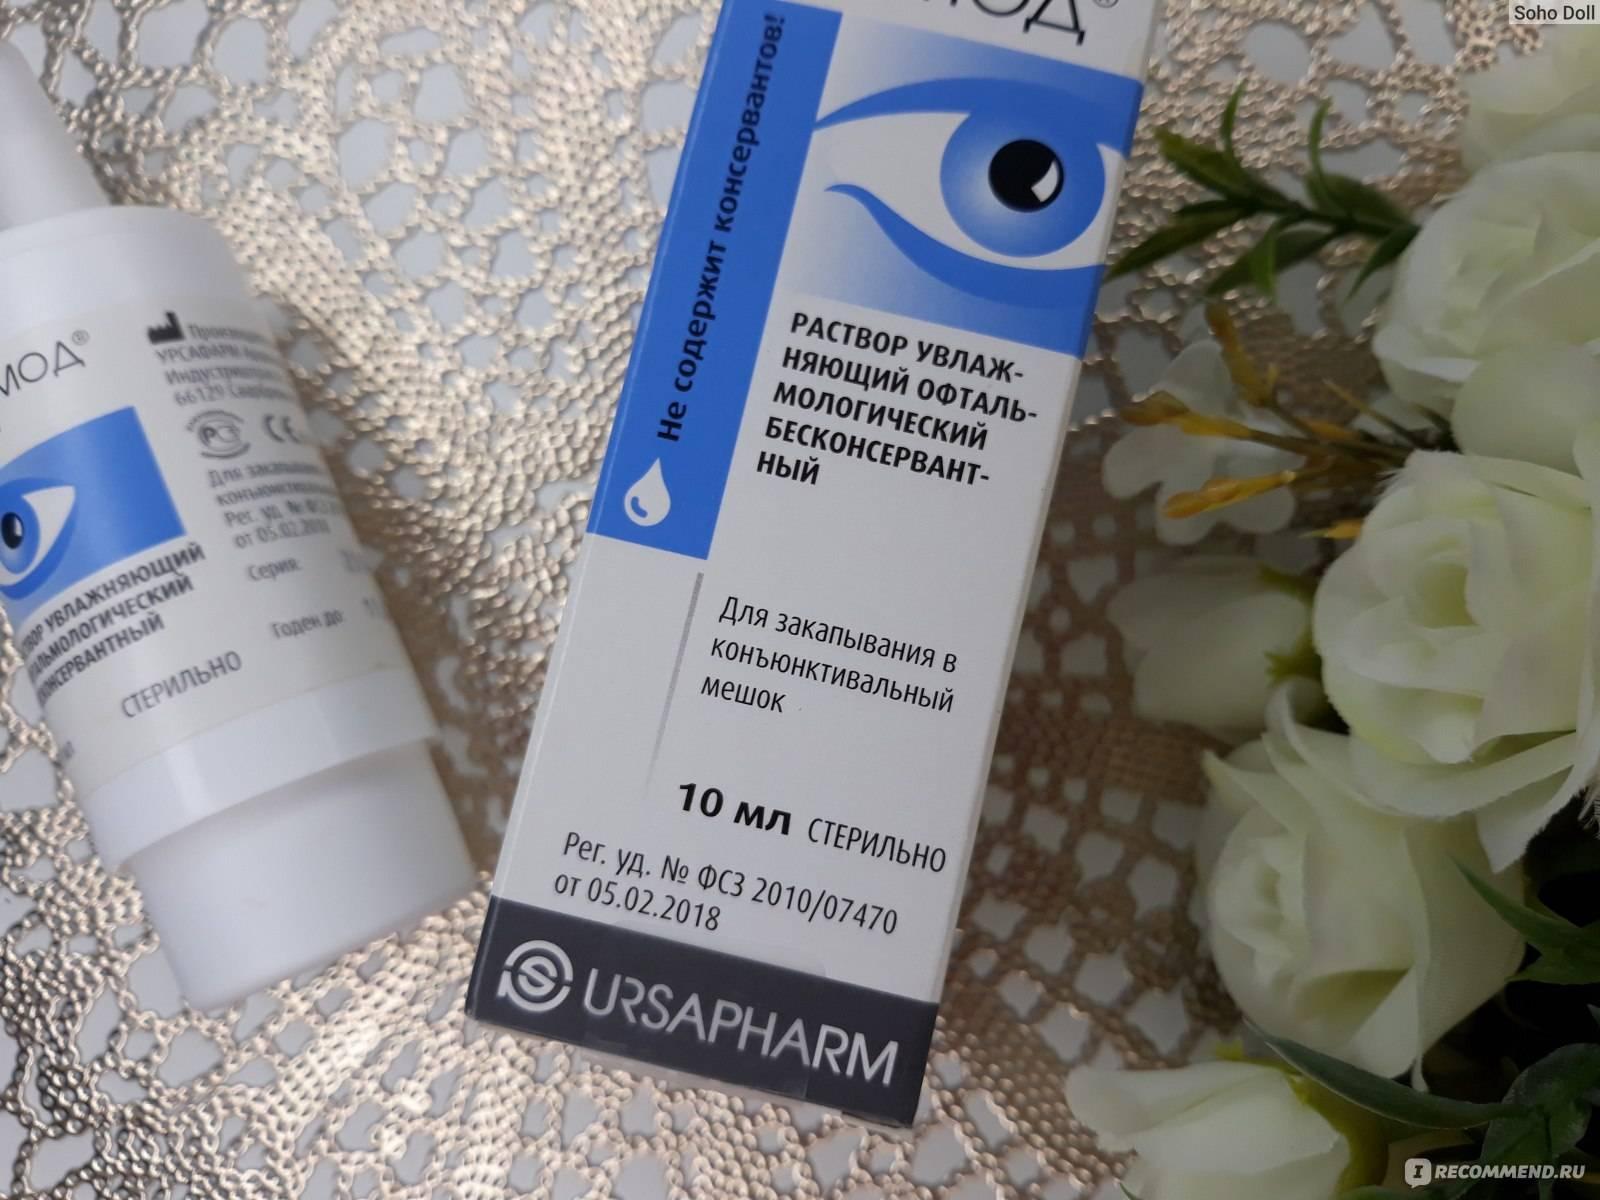 Хило комод глазные капли можно ли детям. глазные капли хило-комод. перекрестные лекарственные взаимодействия